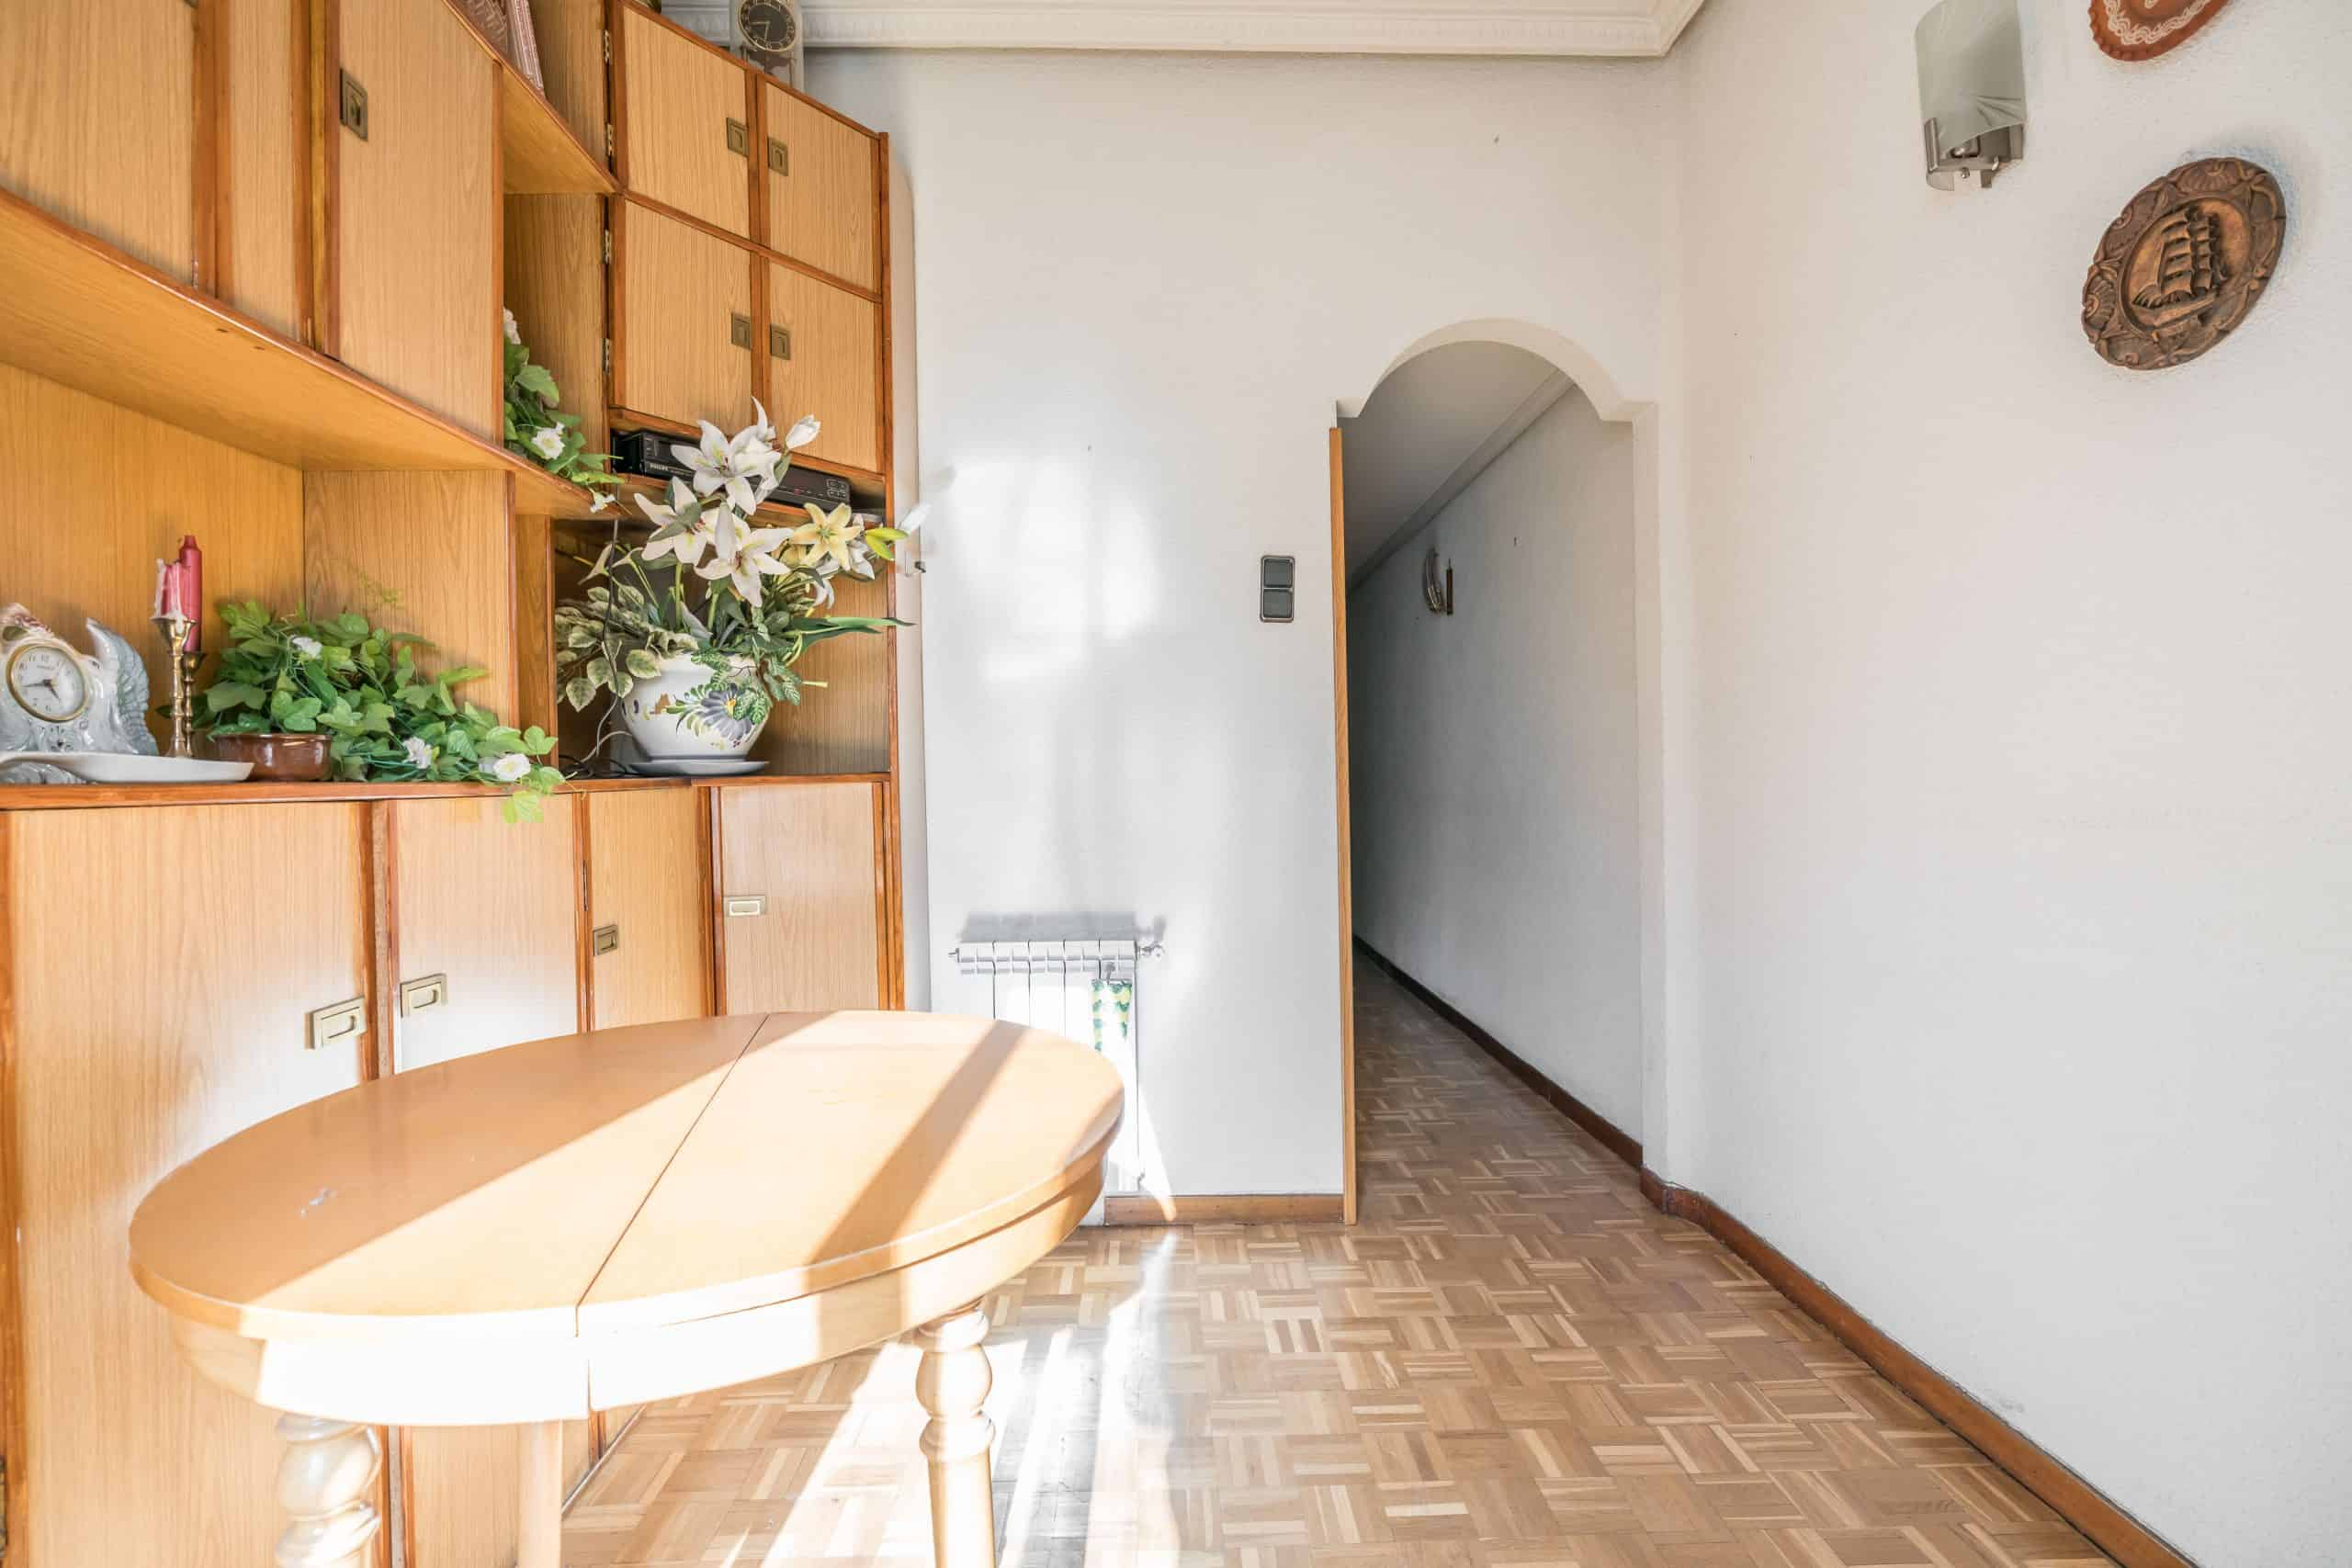 Agencia Inmobiliaria de Madrid-FUTUROCASA-Zona ARGANZUELA-EMBAJADORES-LEGAZPI -calle Guillermo de Osma 1 SALON (6) (Copy)